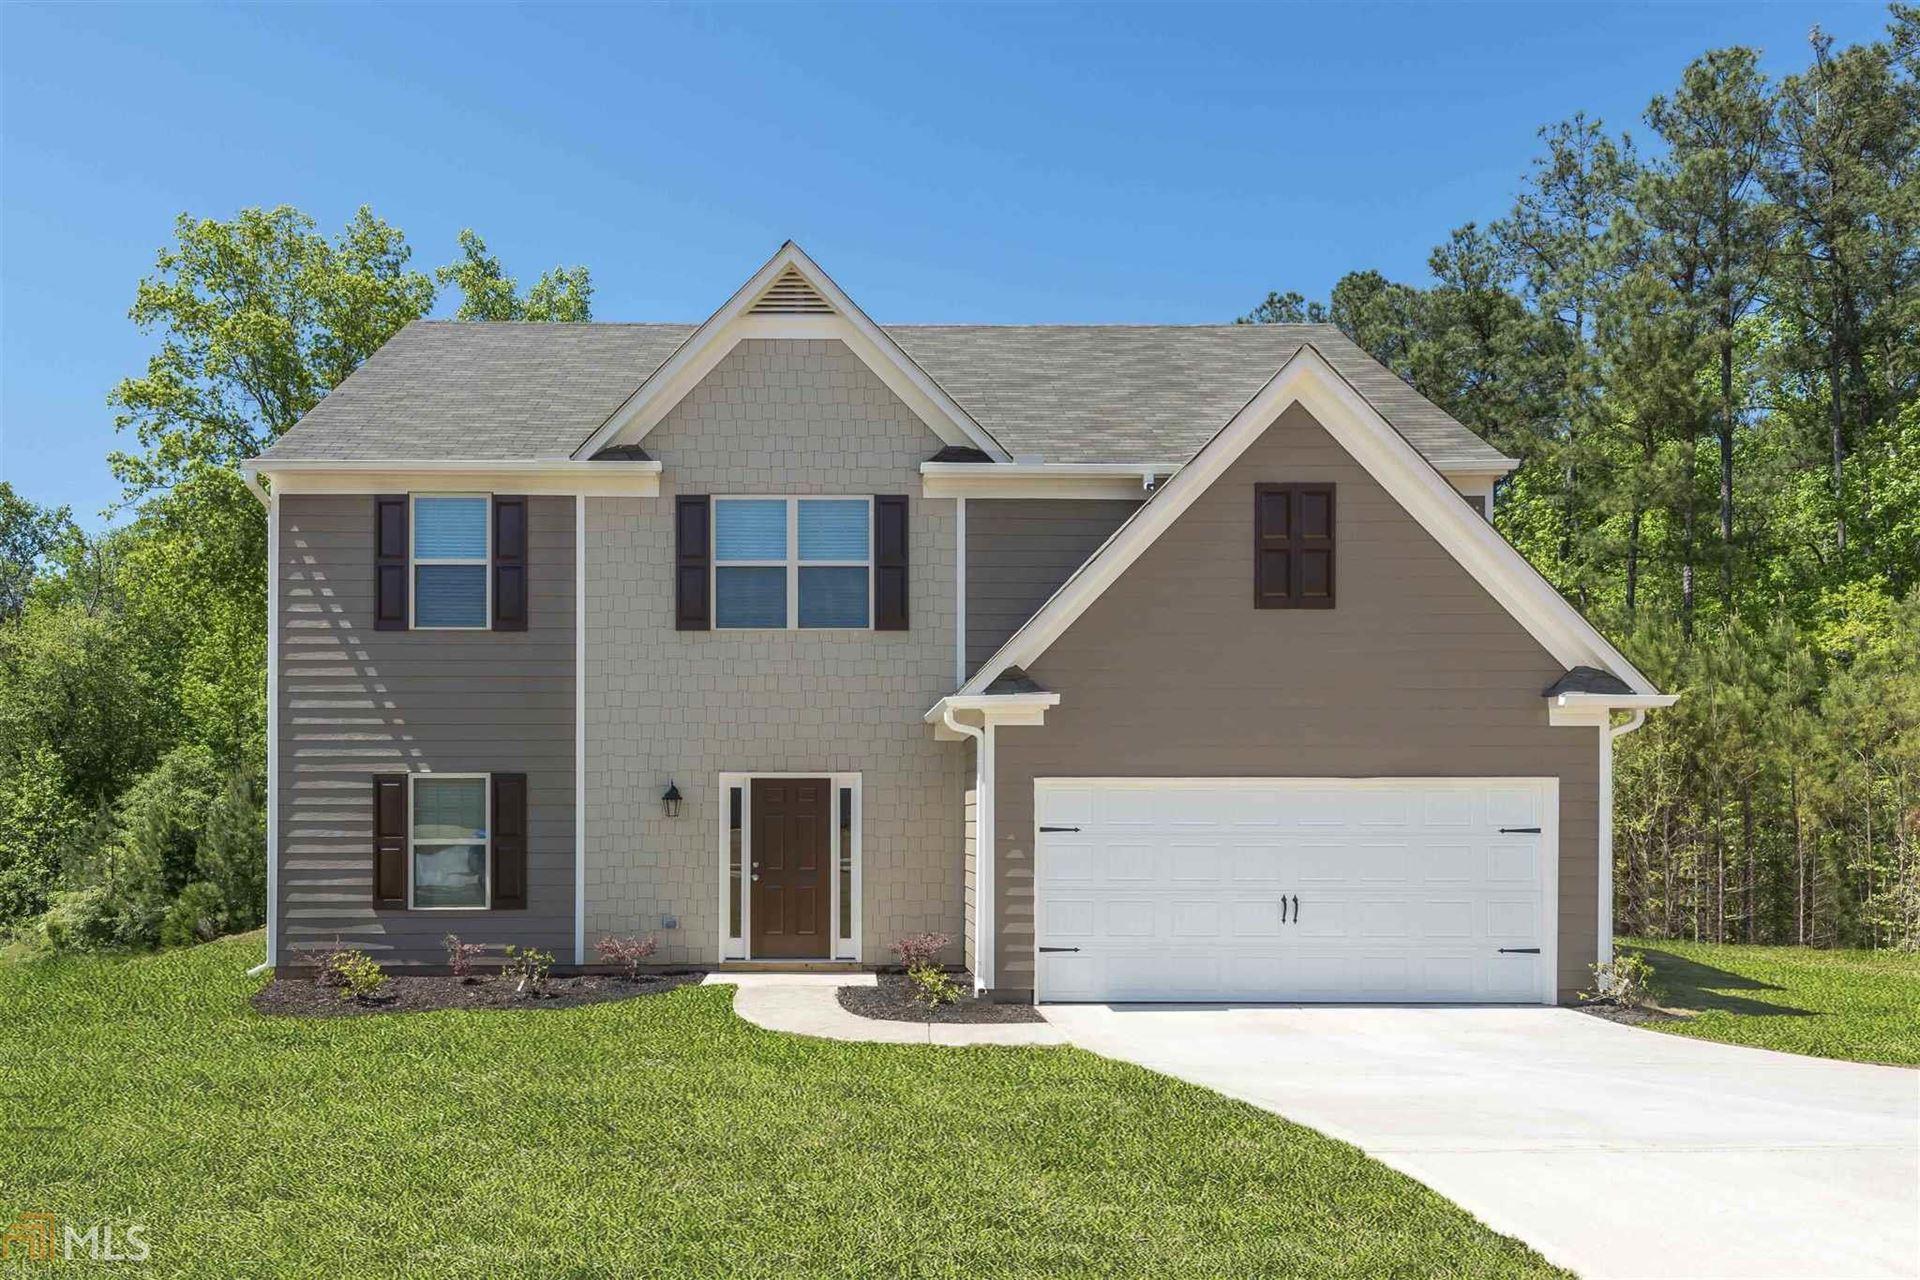 117 Cypress Point Rd, Cartersville, GA 30120 - MLS#: 8878470